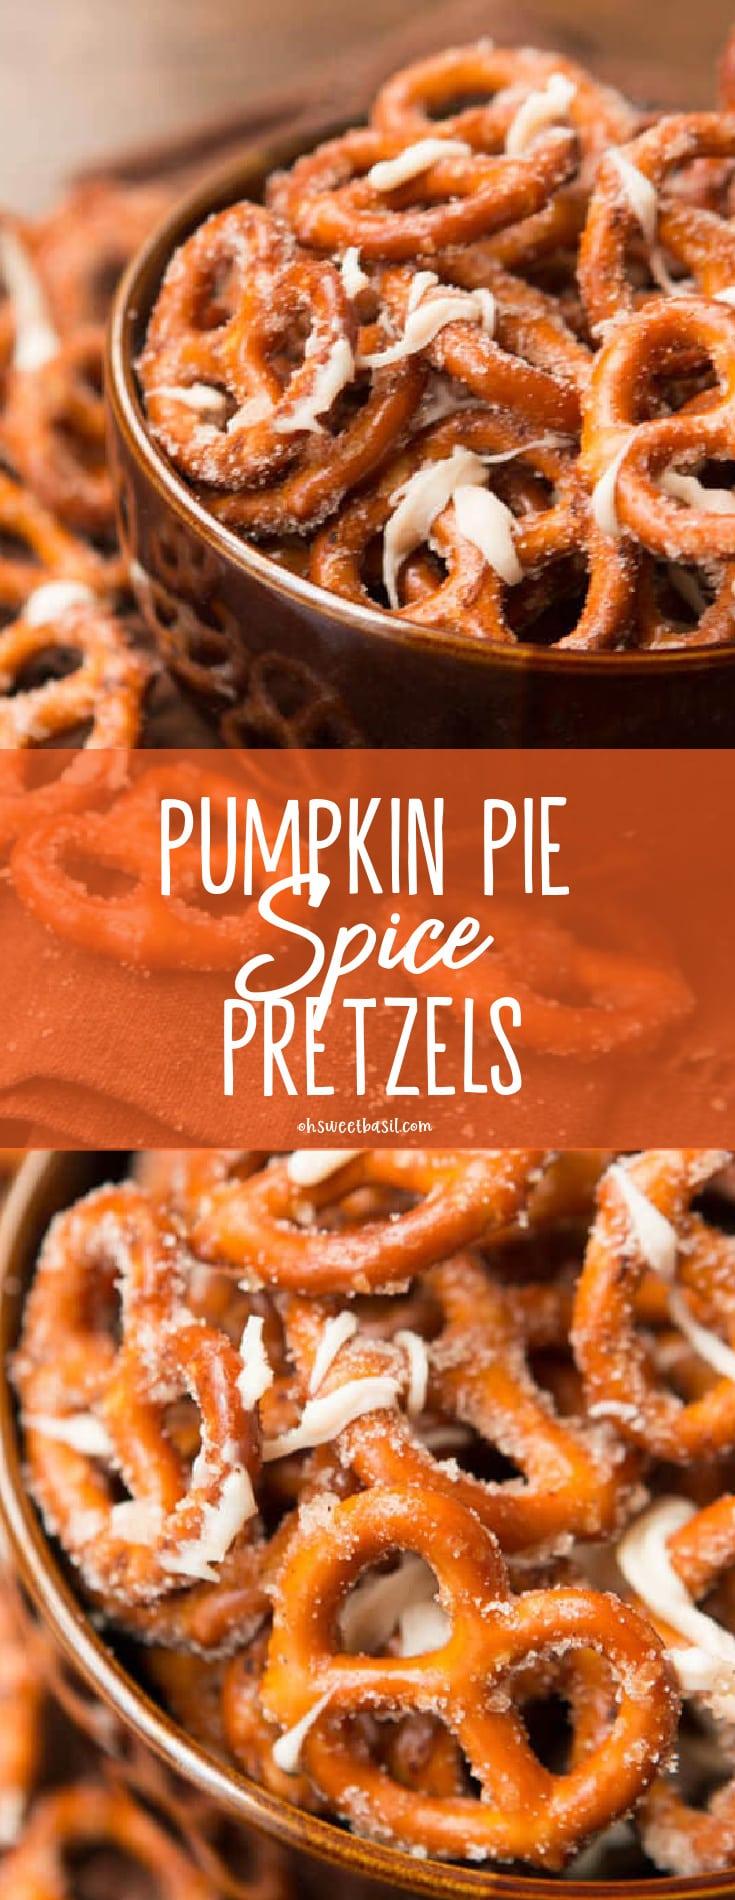 A bowl of pumpkin spice pretzels